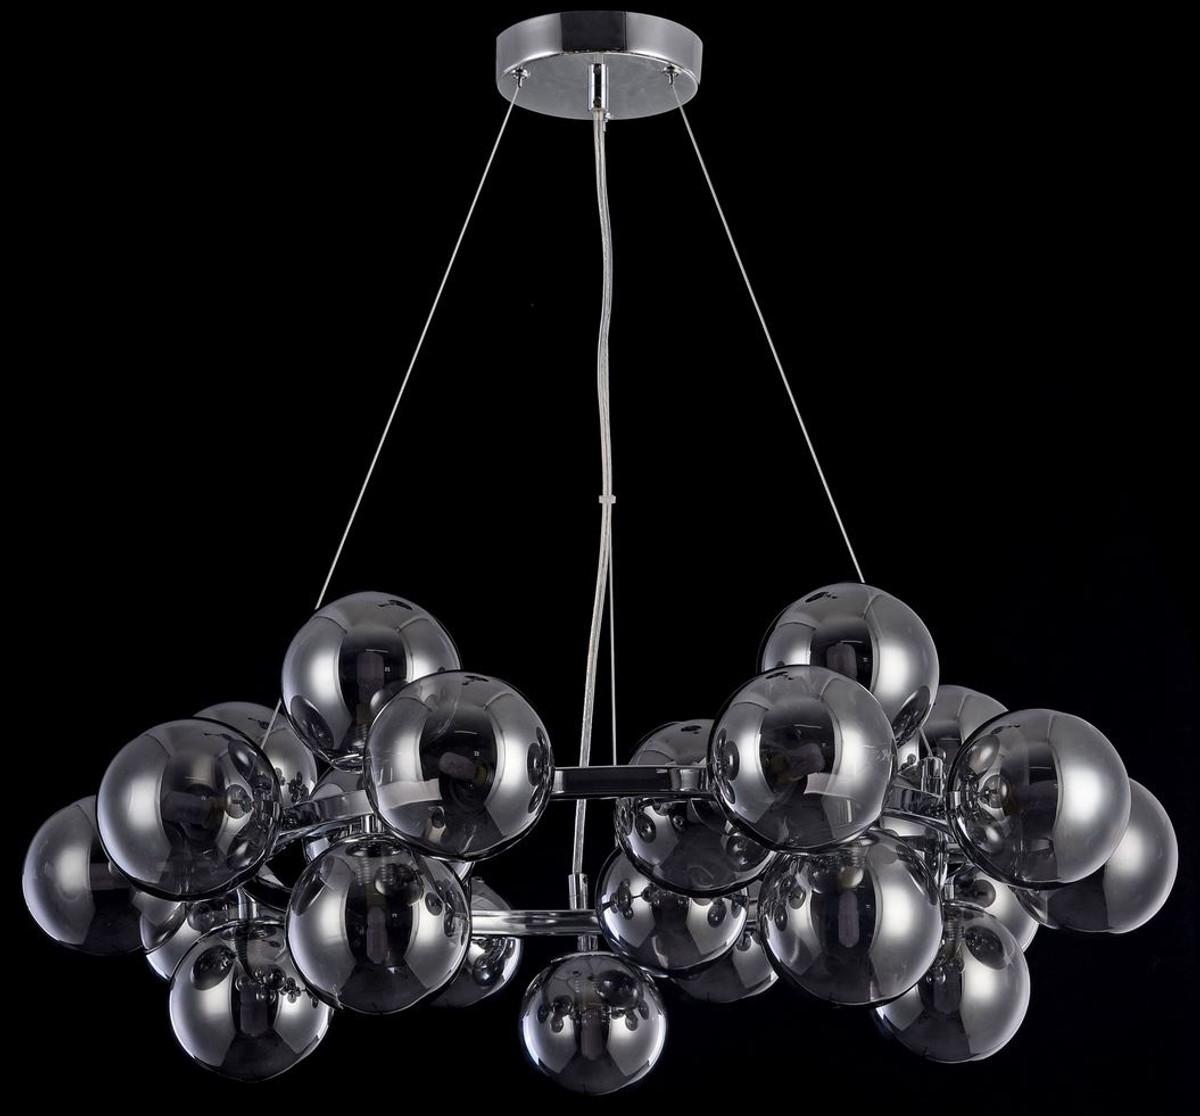 casa padrino wohnzimmer h ngeleuchte silber schwarz 69 x h 23 8 cm h ngelampe mit. Black Bedroom Furniture Sets. Home Design Ideas